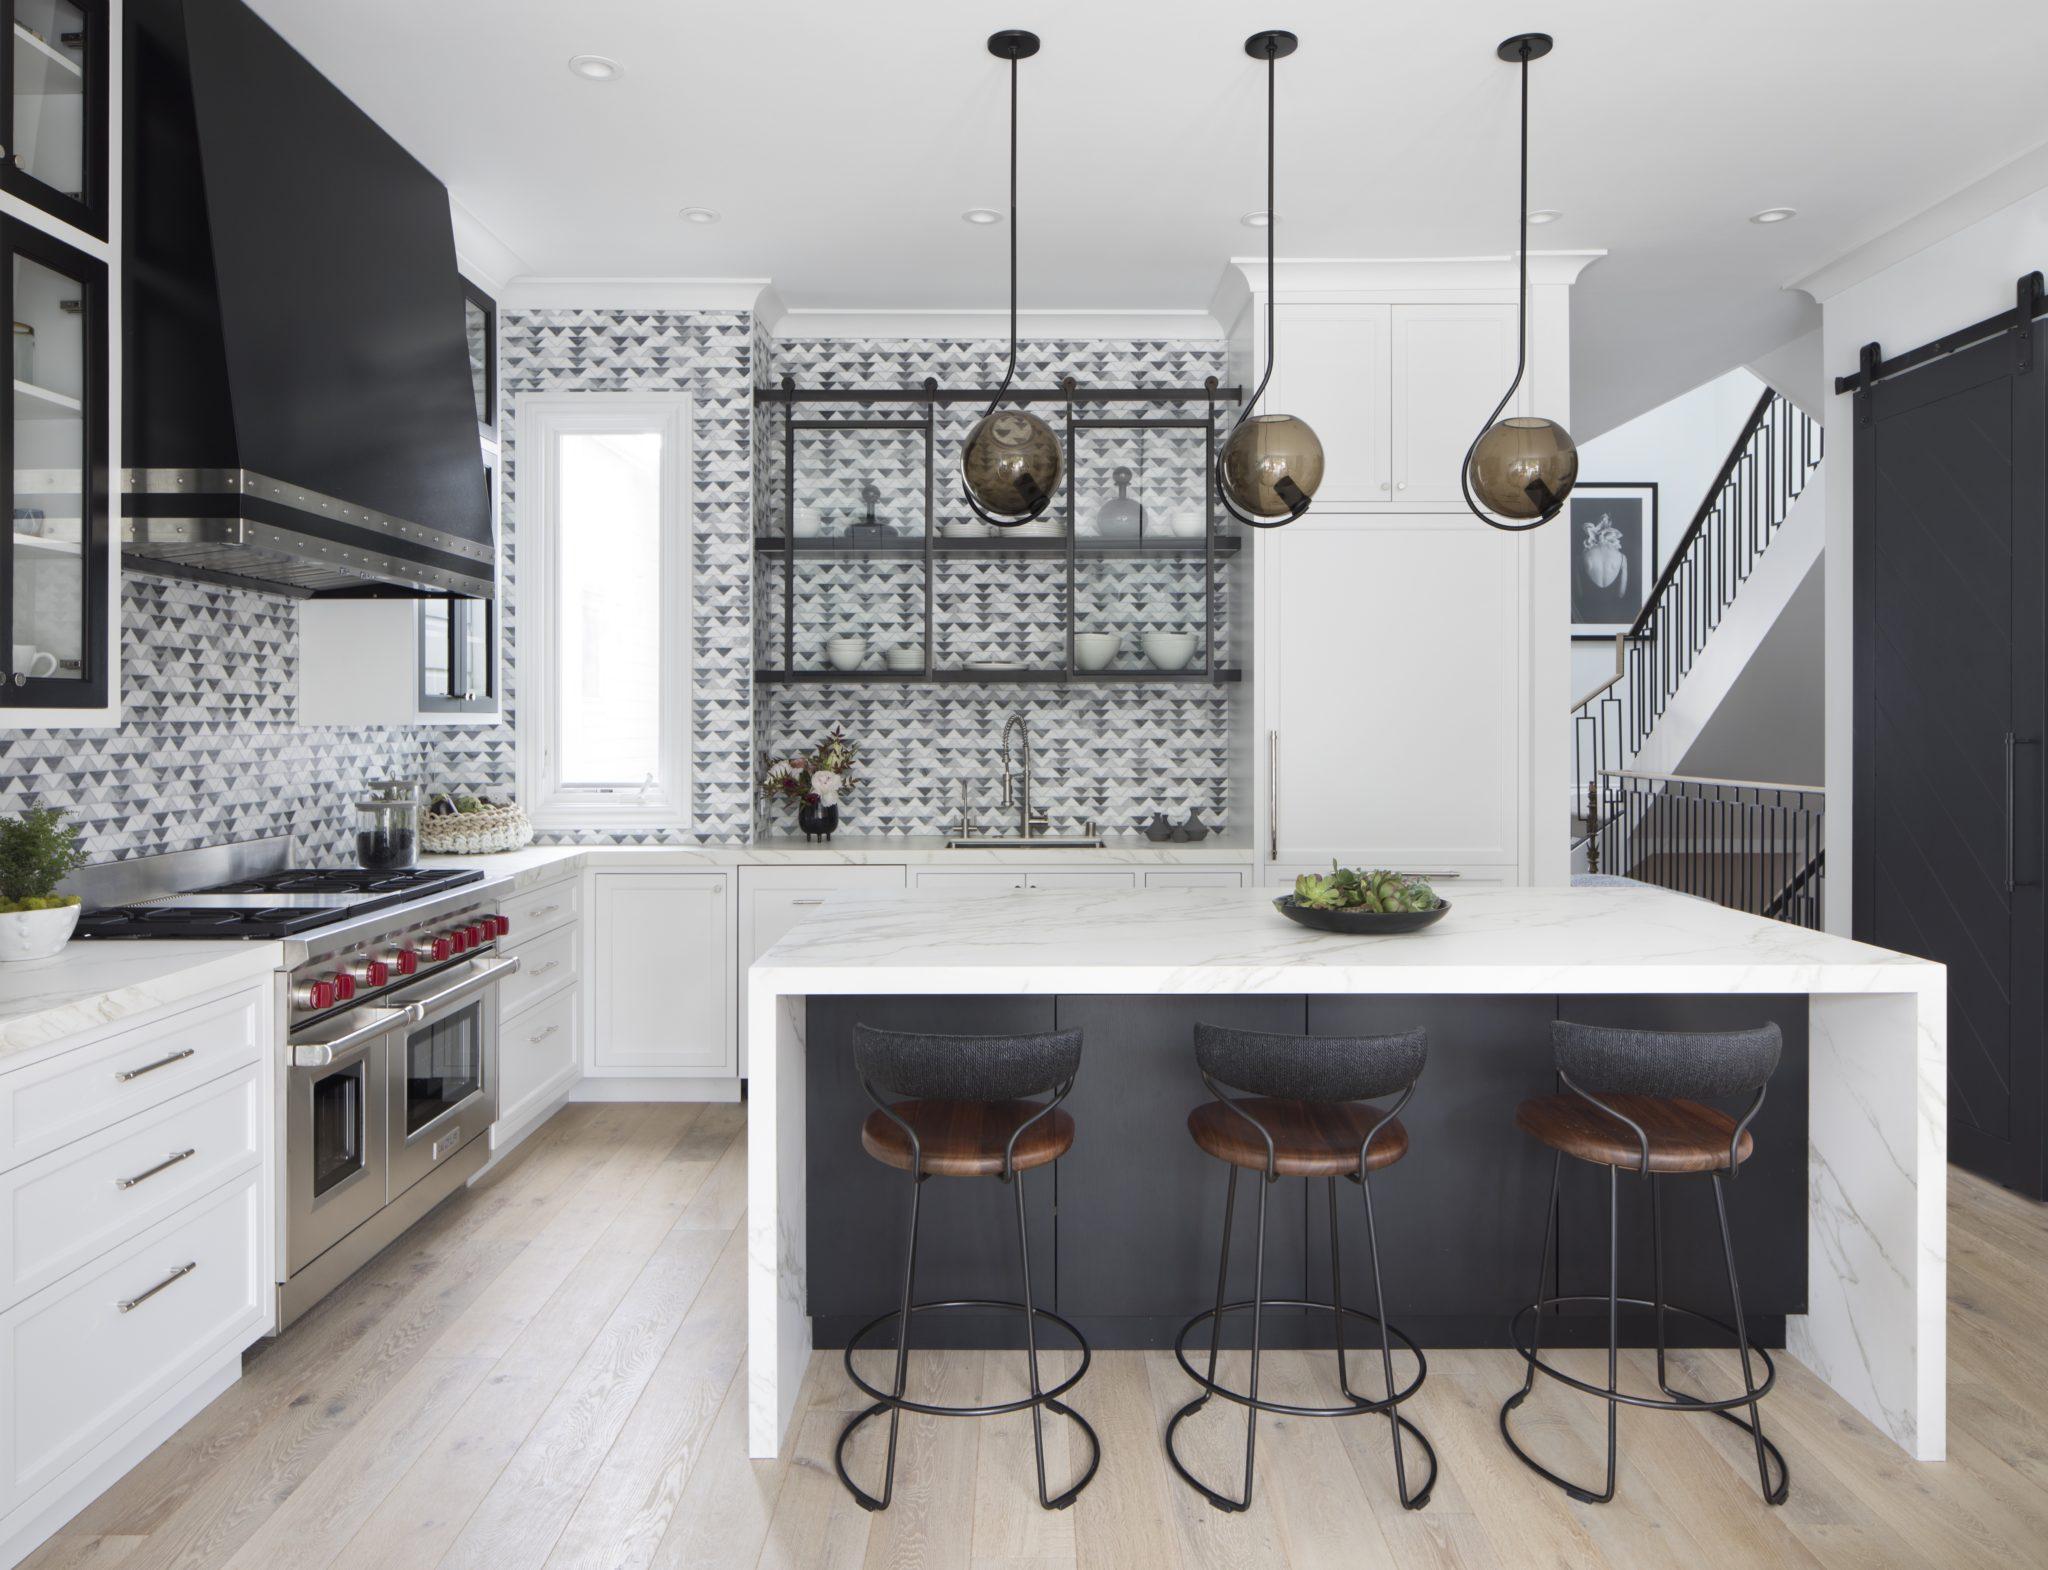 Black & White Kitchen by Jeff King & Company